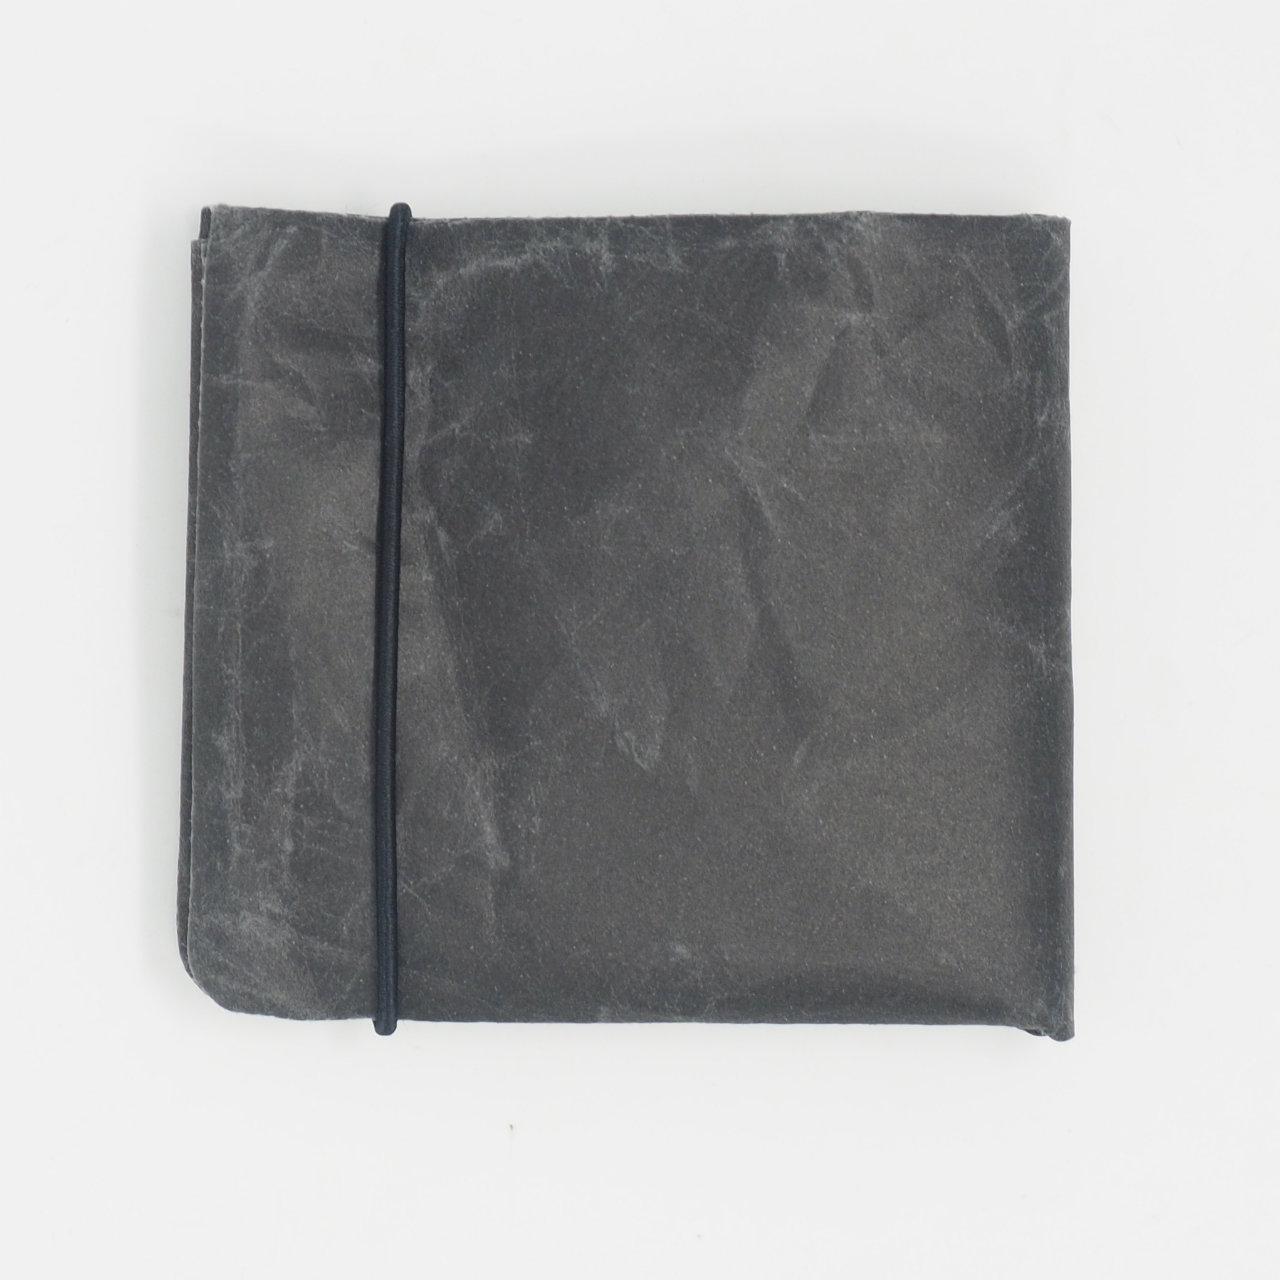 サムネイル:2つ折り財布 ブラック